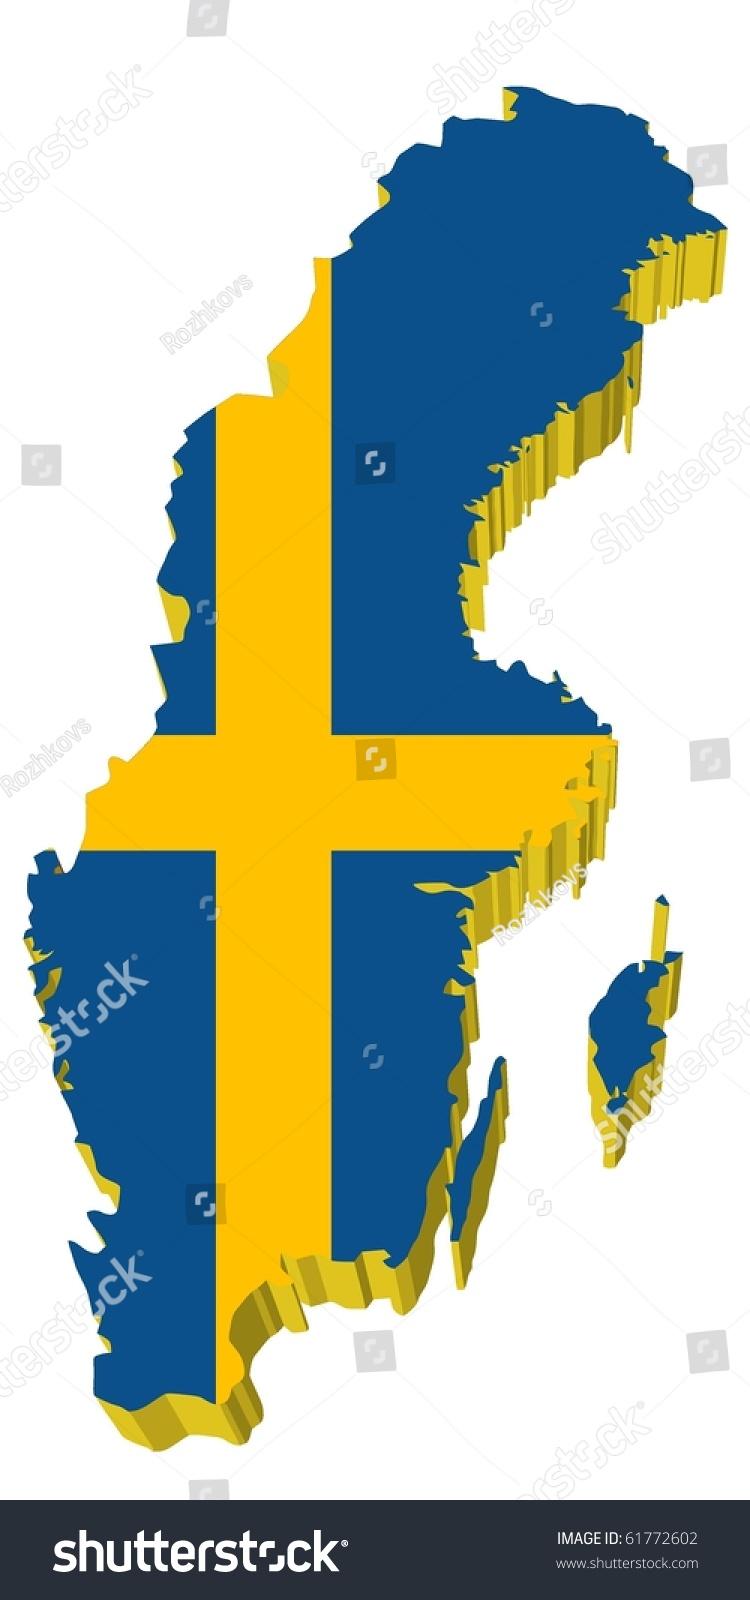 Vectors D Map Sweden Stock Vector Shutterstock - Sweden map 3d